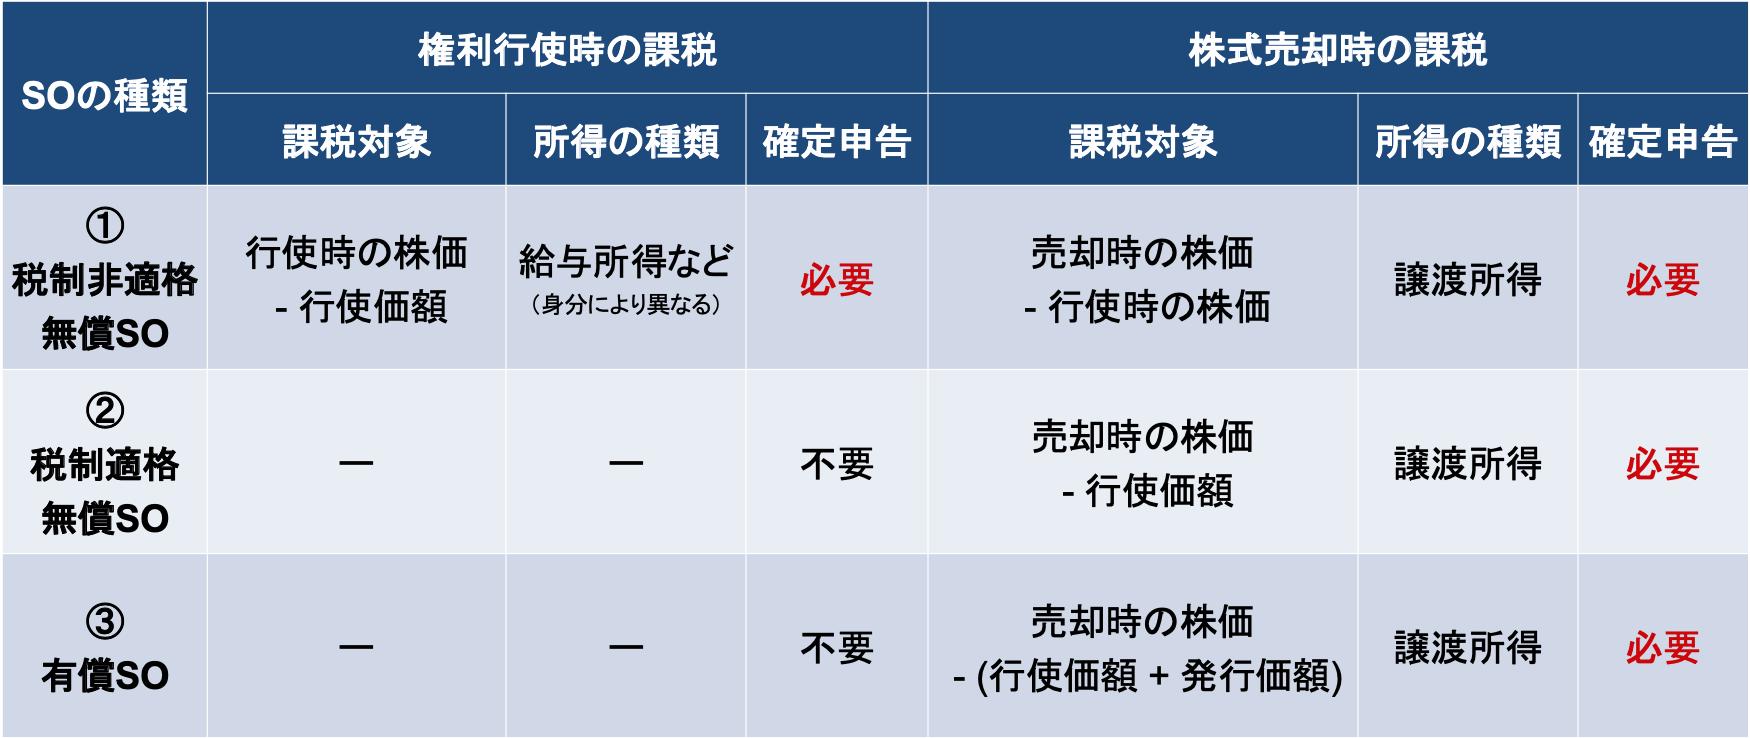 ストックオプションの種類と課税の関係をまとめた表(権利行使時の課税と株式売却時の課税)